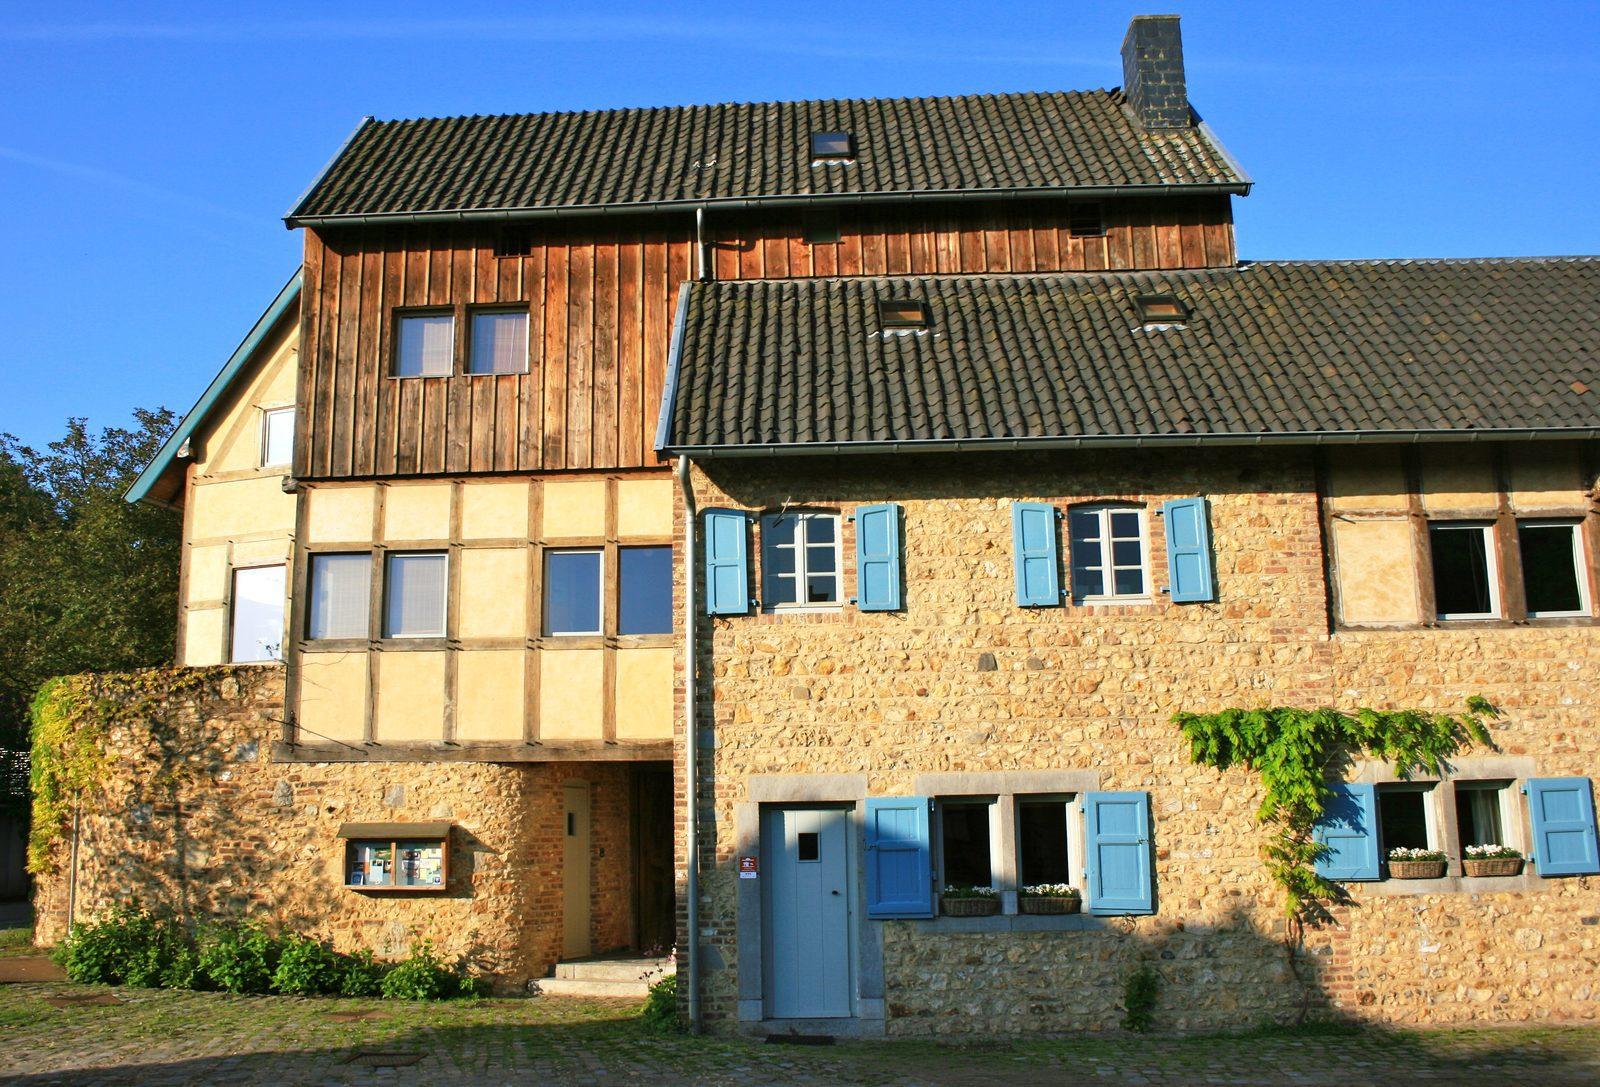 Vakantiehuis in St. Martensvoeren, Voerstreek in Belgie